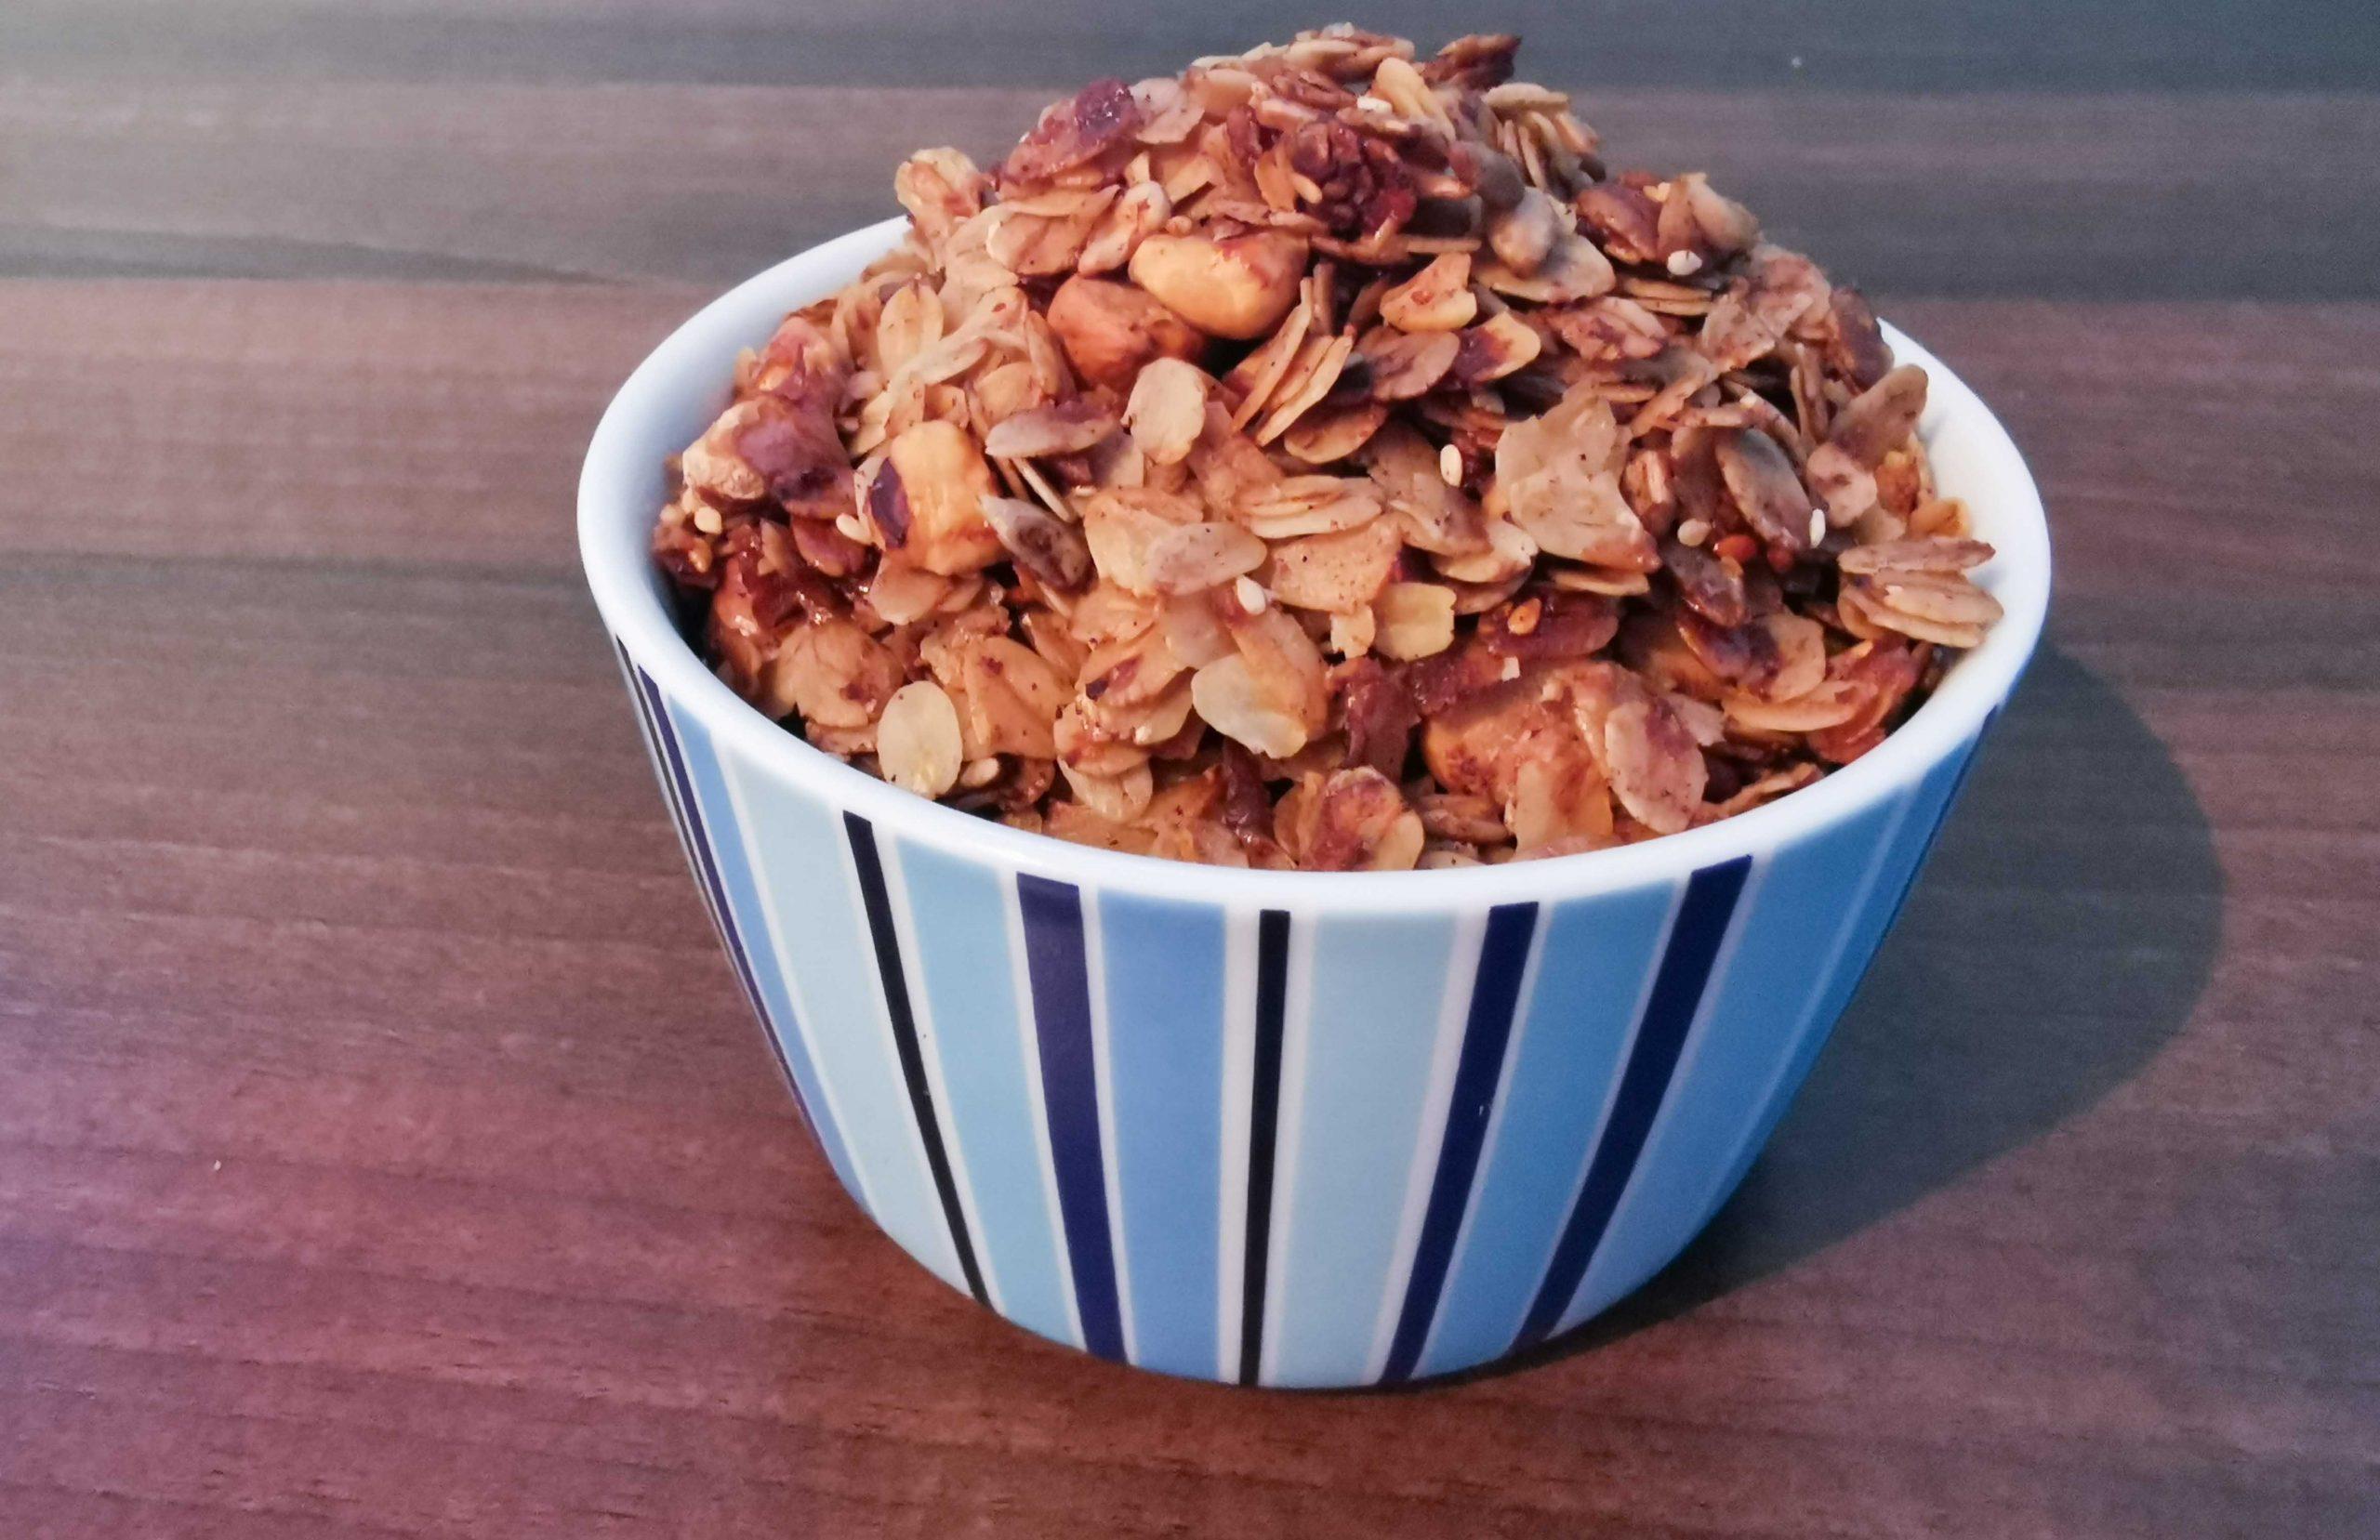 gebakken granola in een blauw kommetje